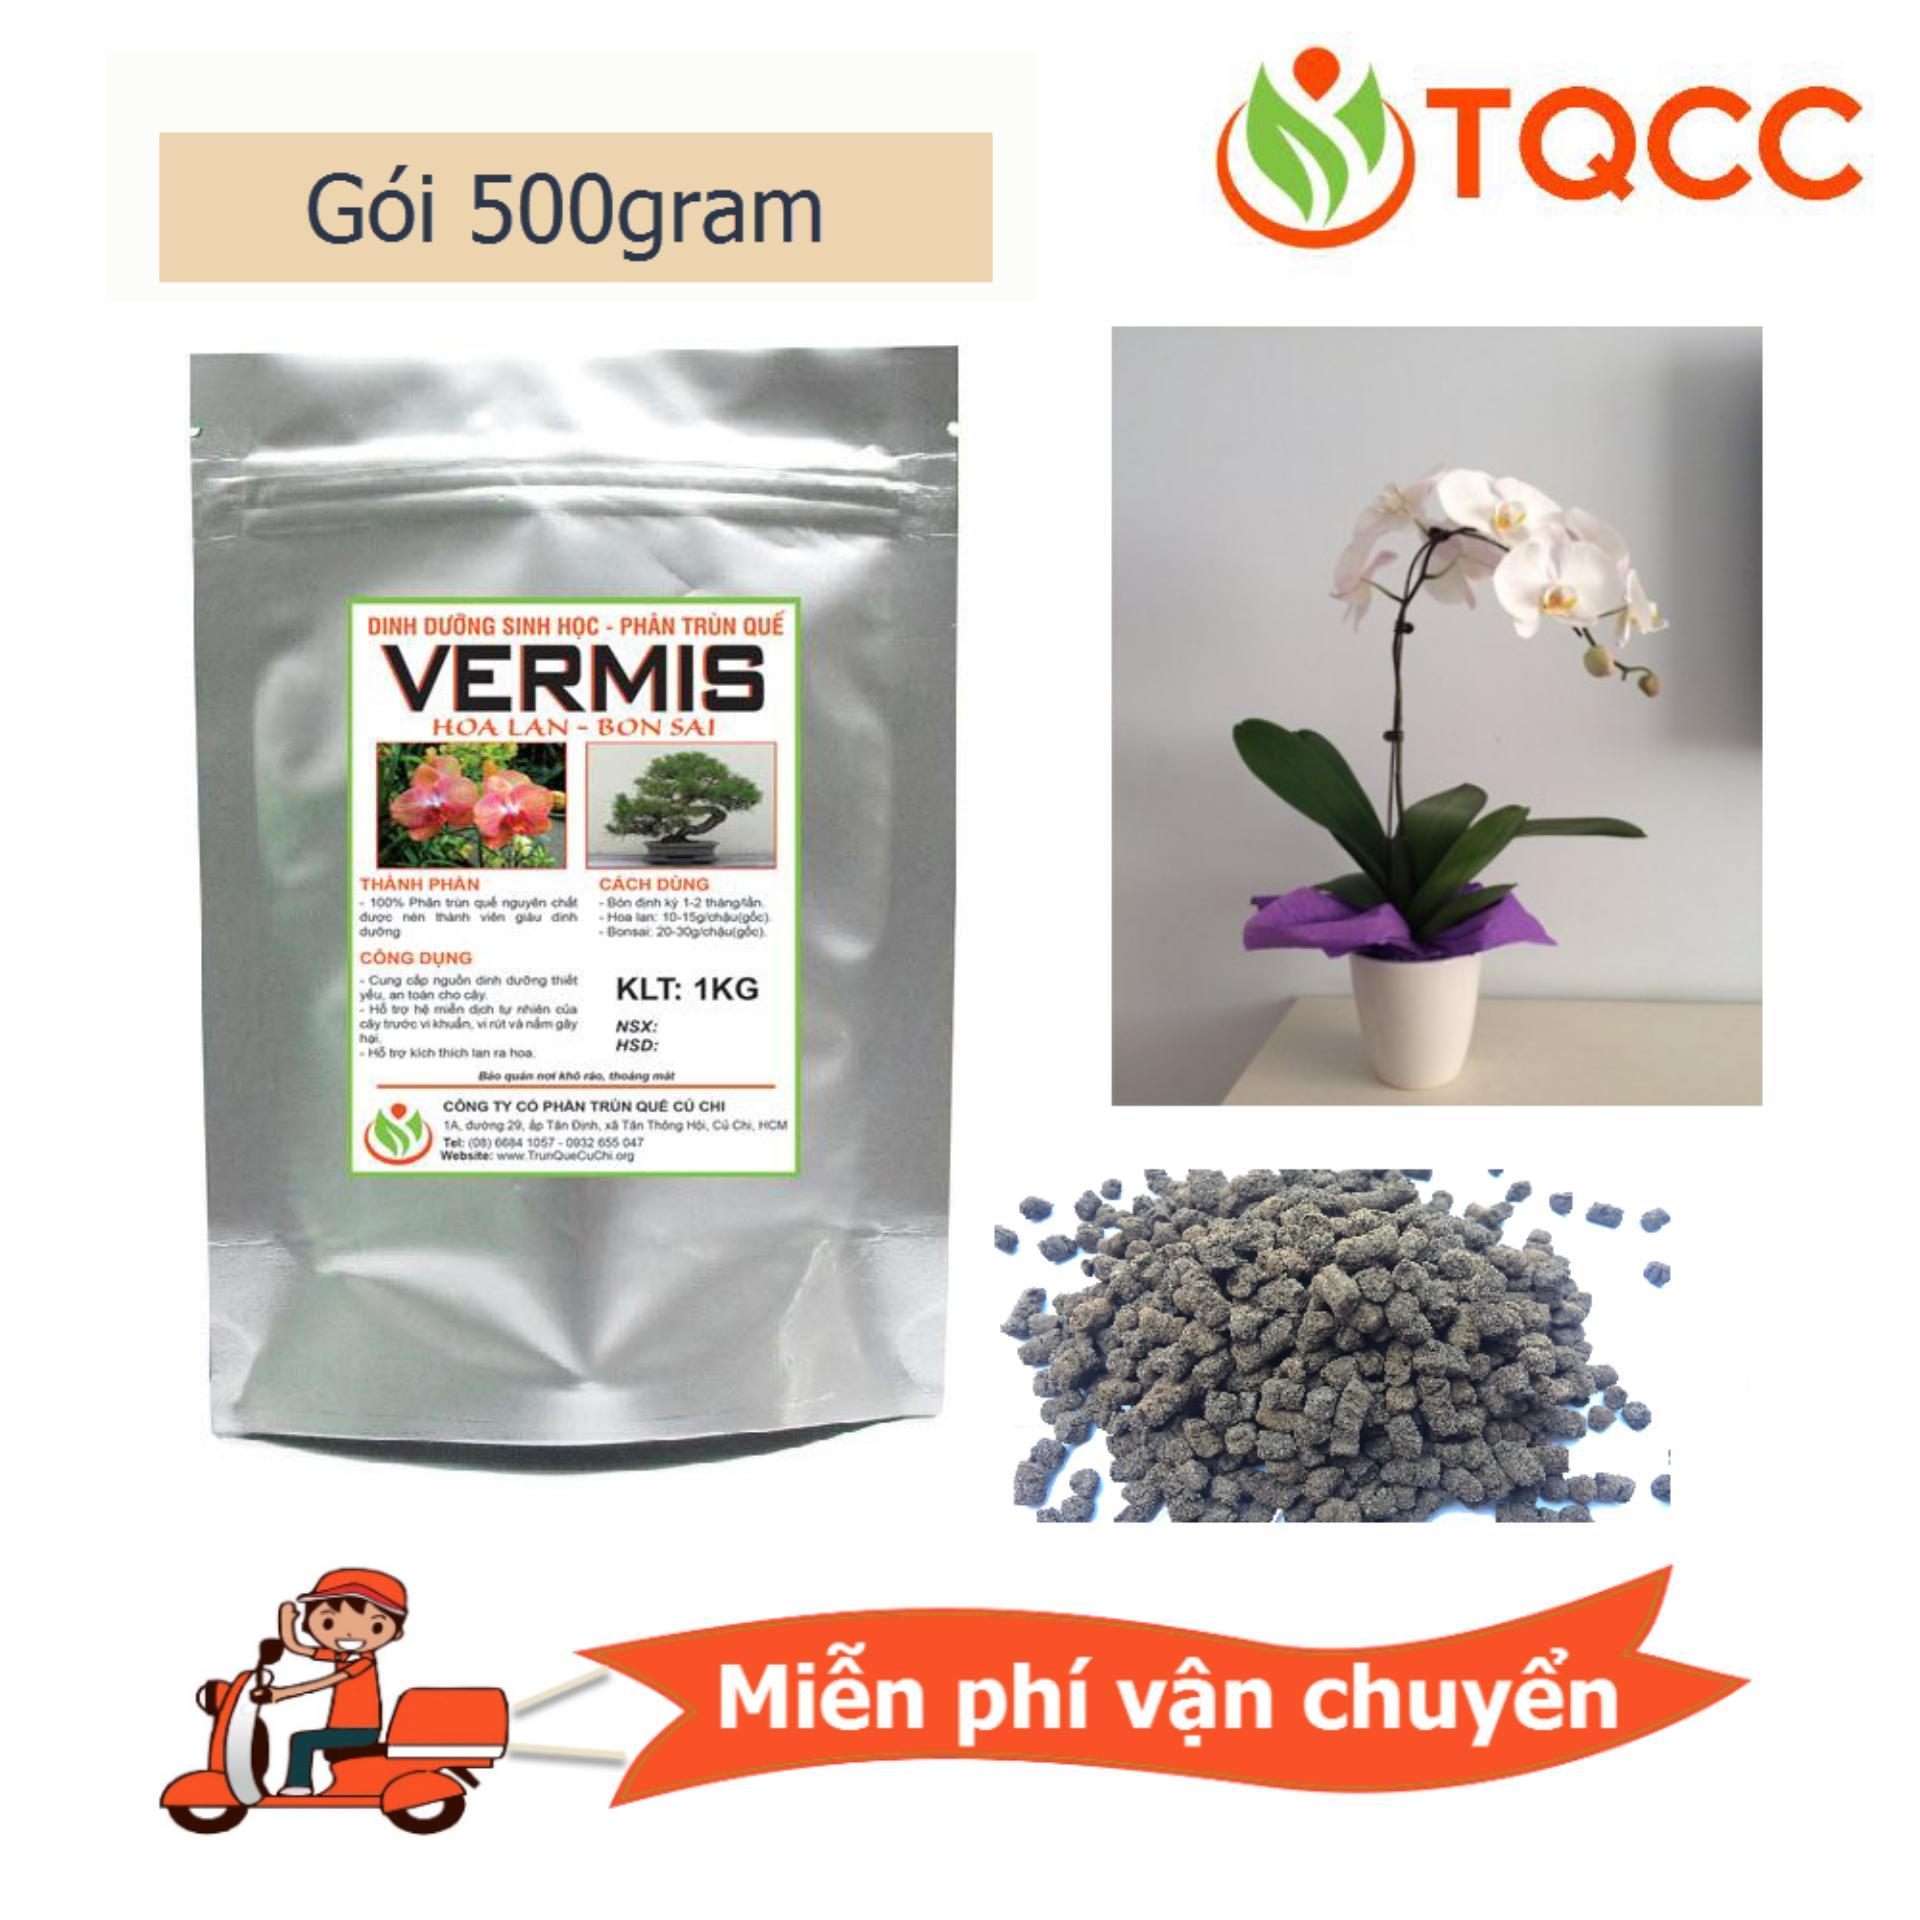 Hình ảnh Phân viên hữu cơ vi sinh tan chậm Vermis cho hoa lan ra hoa ra chồi ra rễ gói 500 gam